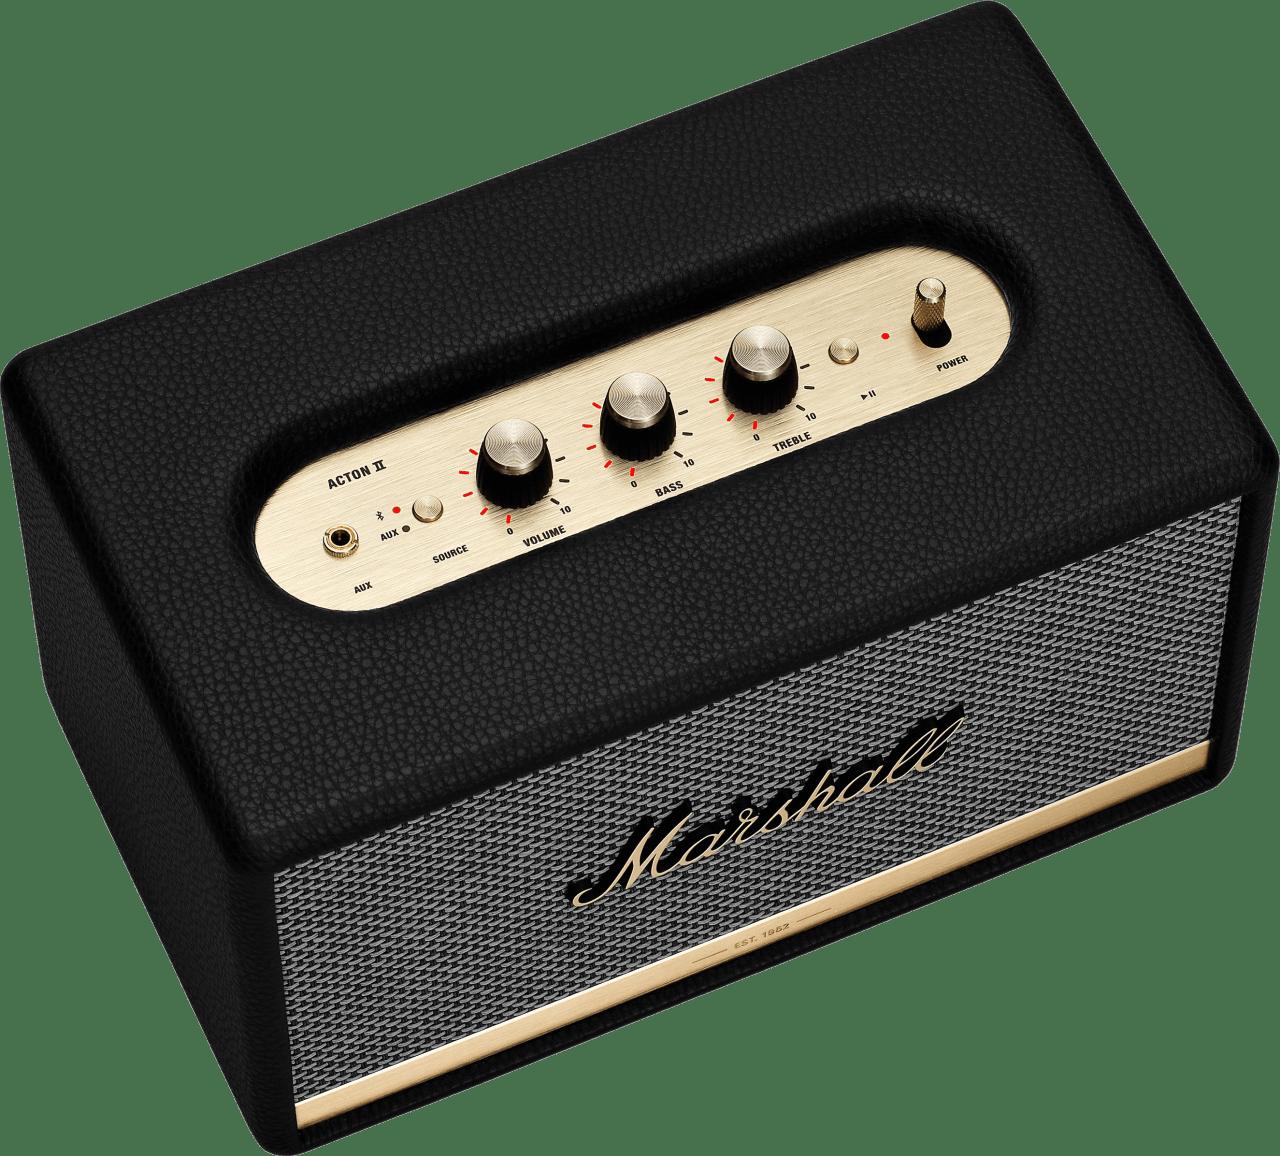 Black Hi-Fi Audio Marshall Acton II BT Bluetooth Speaker.3